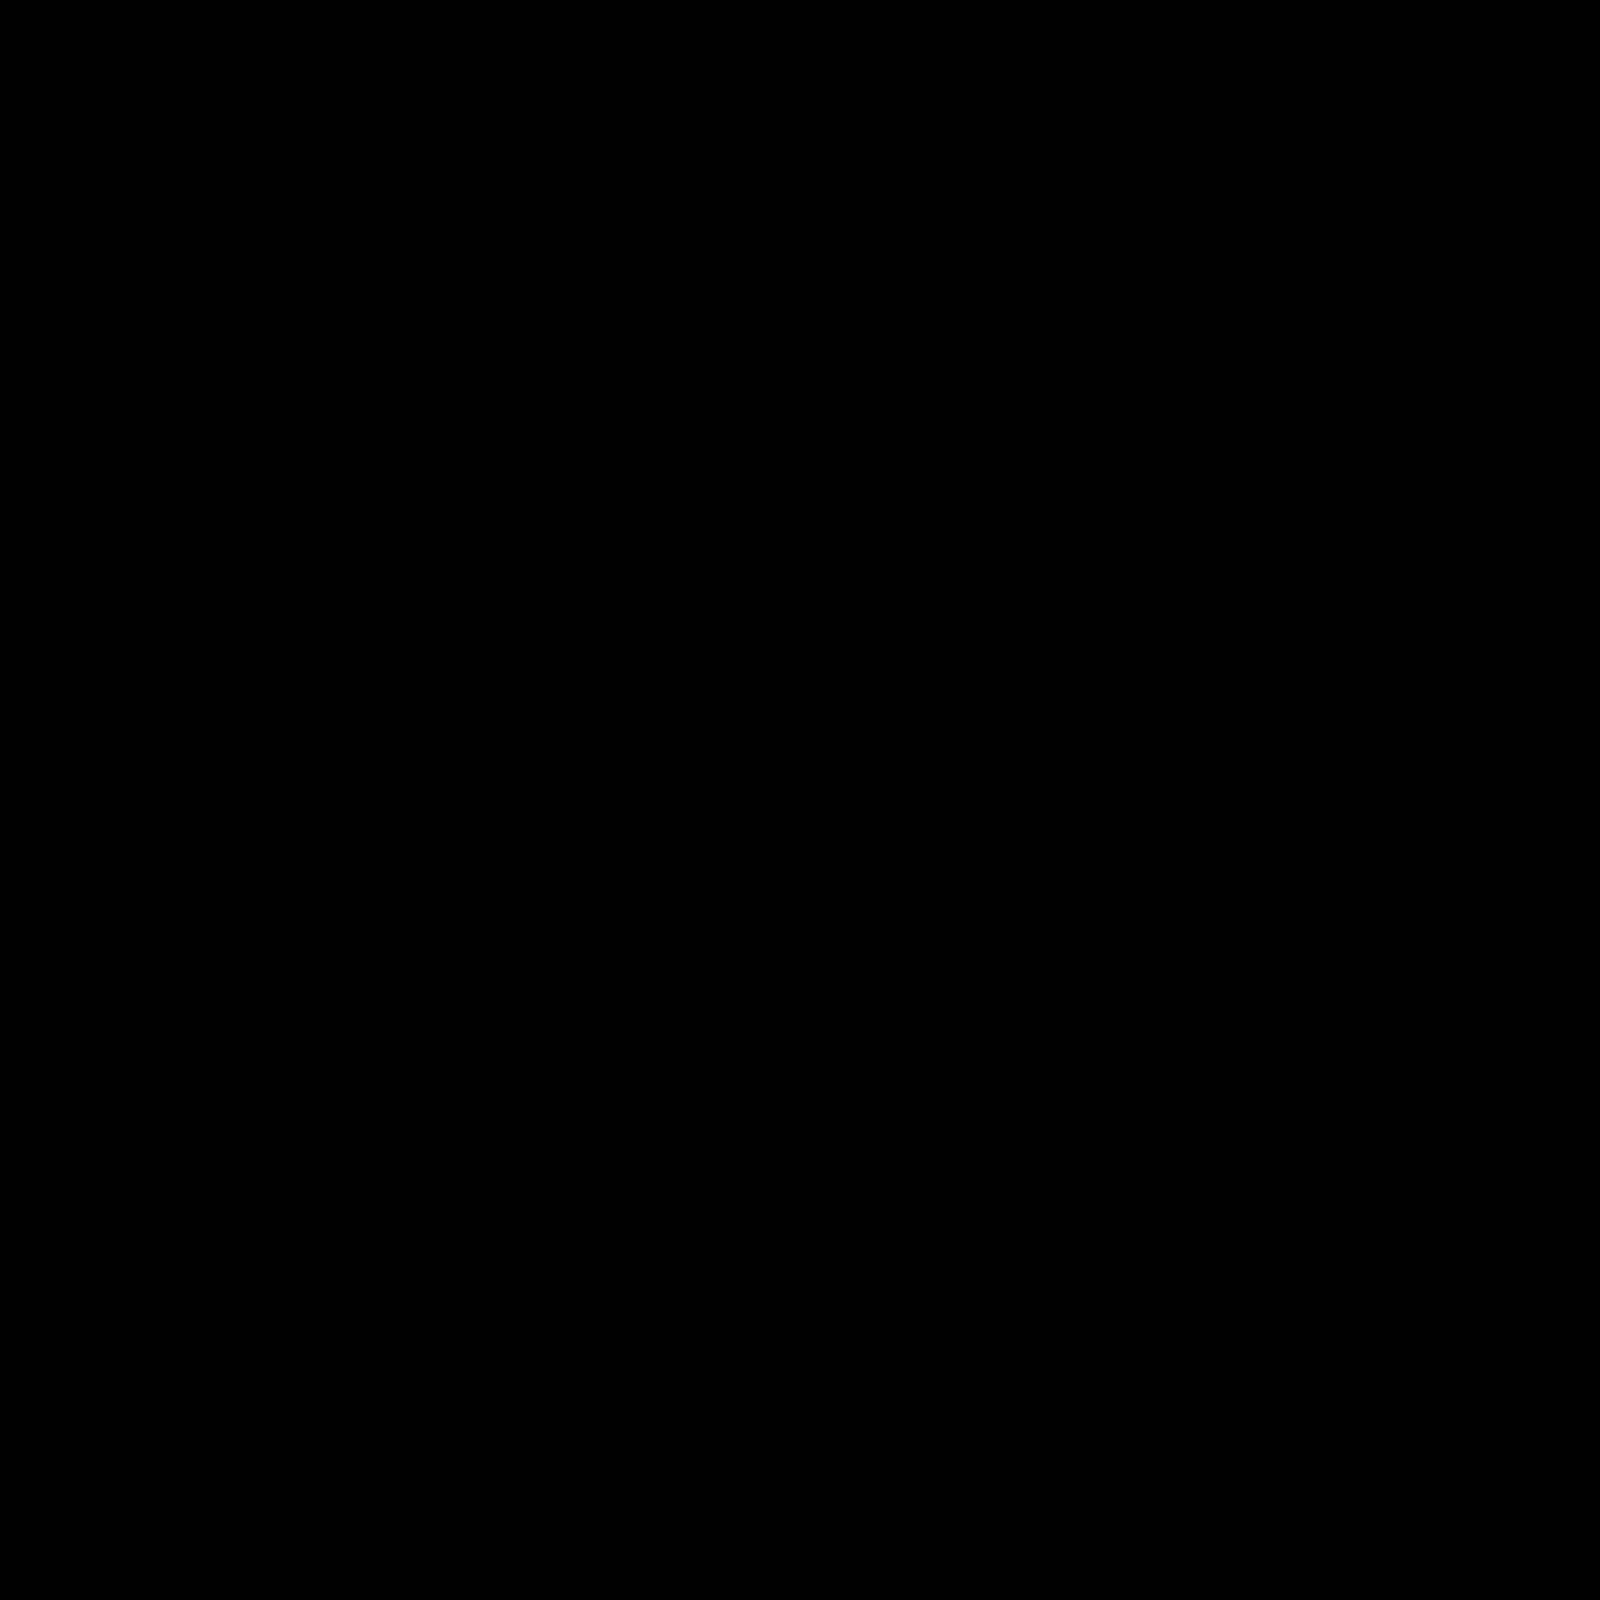 1600x1600 Handicap Vector Symbol